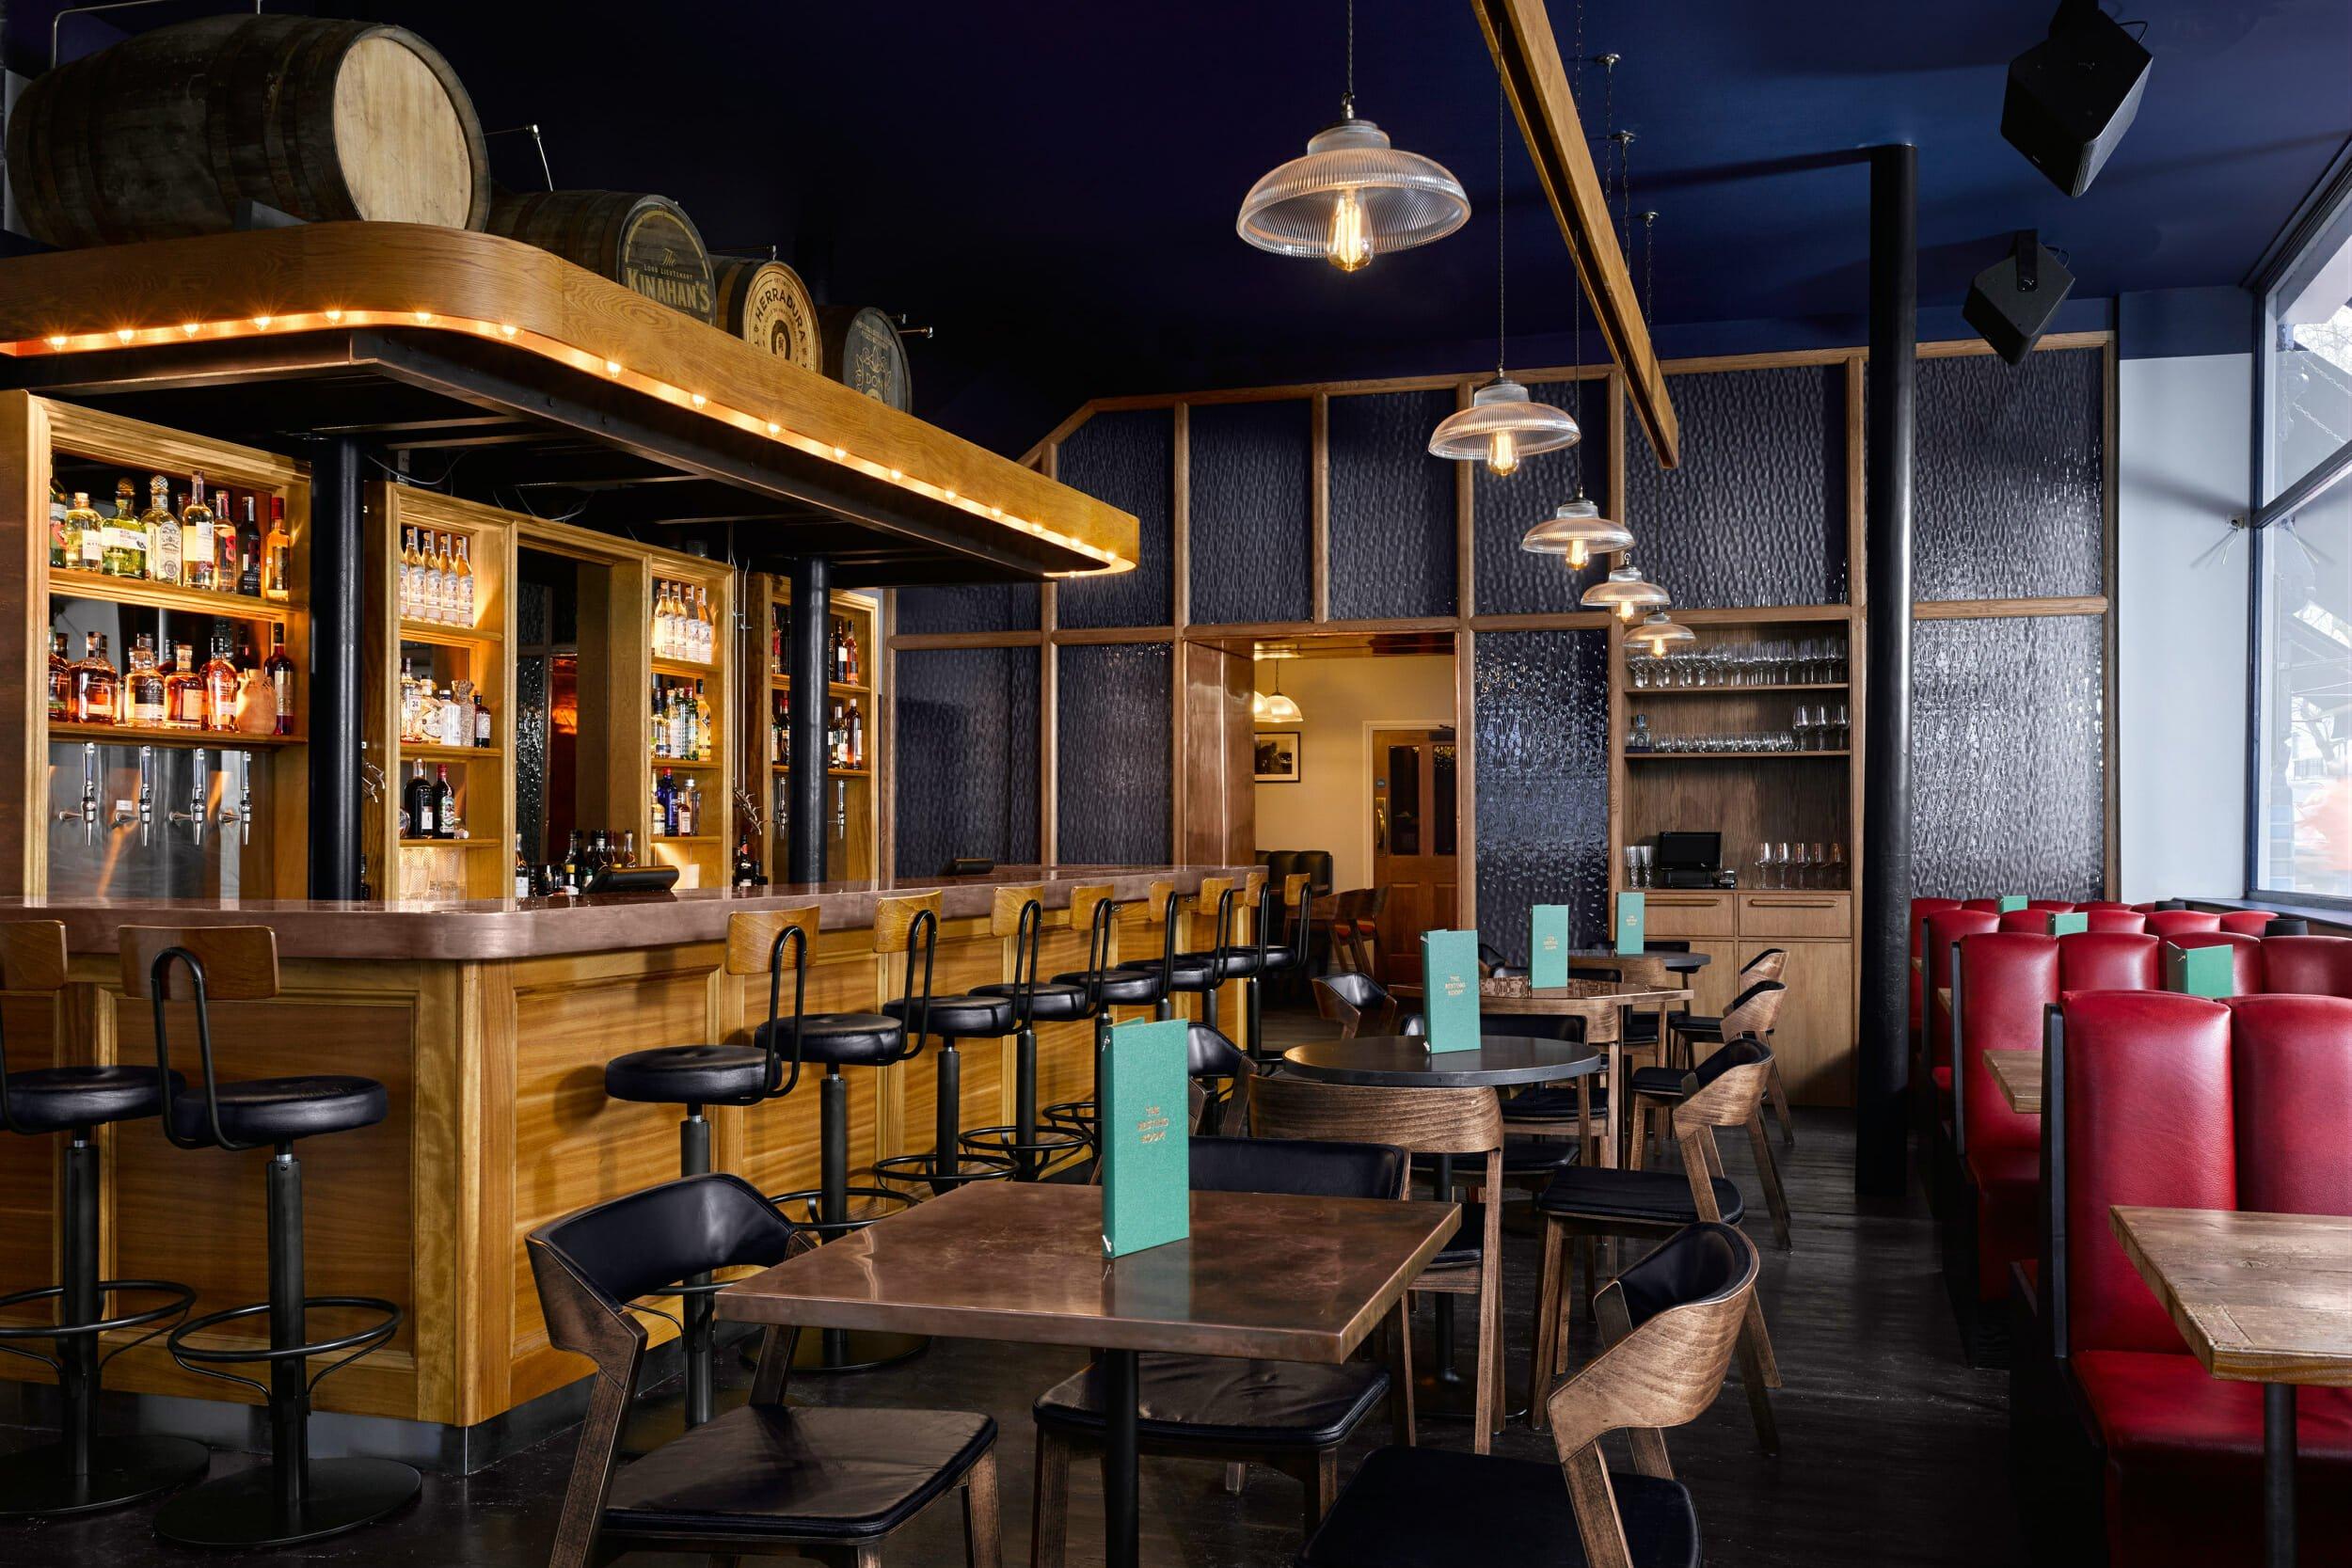 Distillery London gin bars